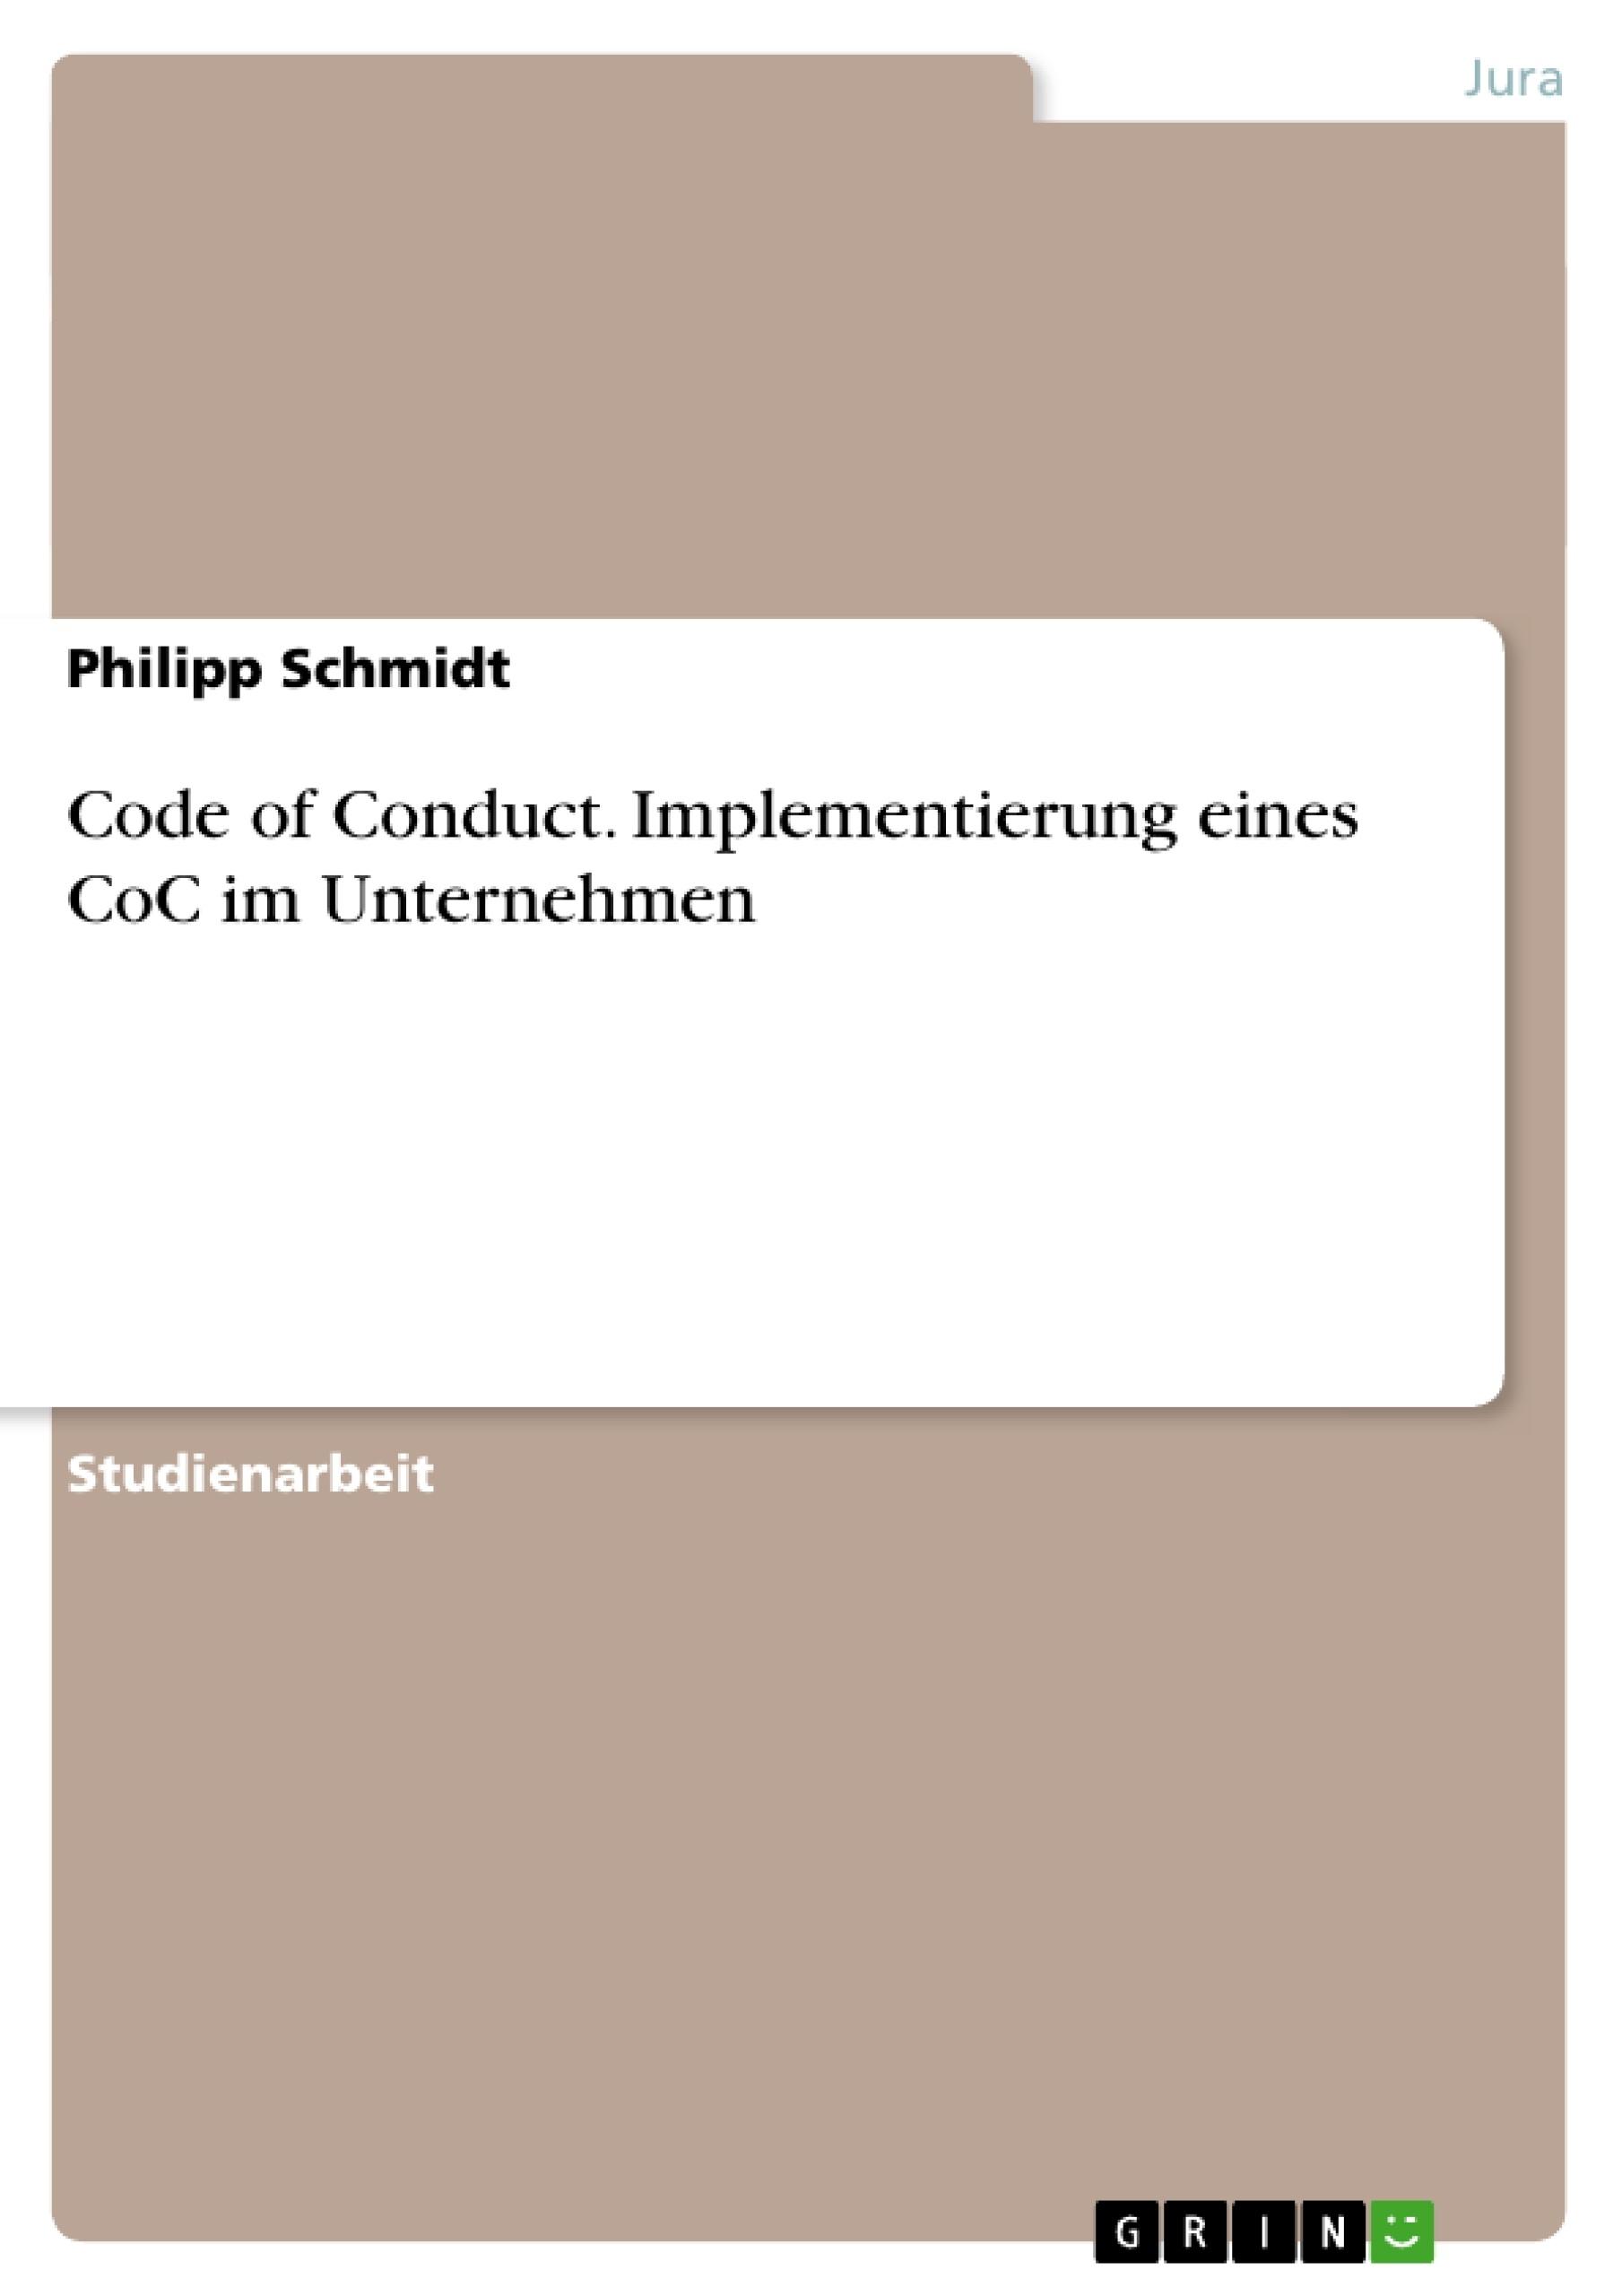 Titel: Code of Conduct. Implementierung eines CoC im Unternehmen